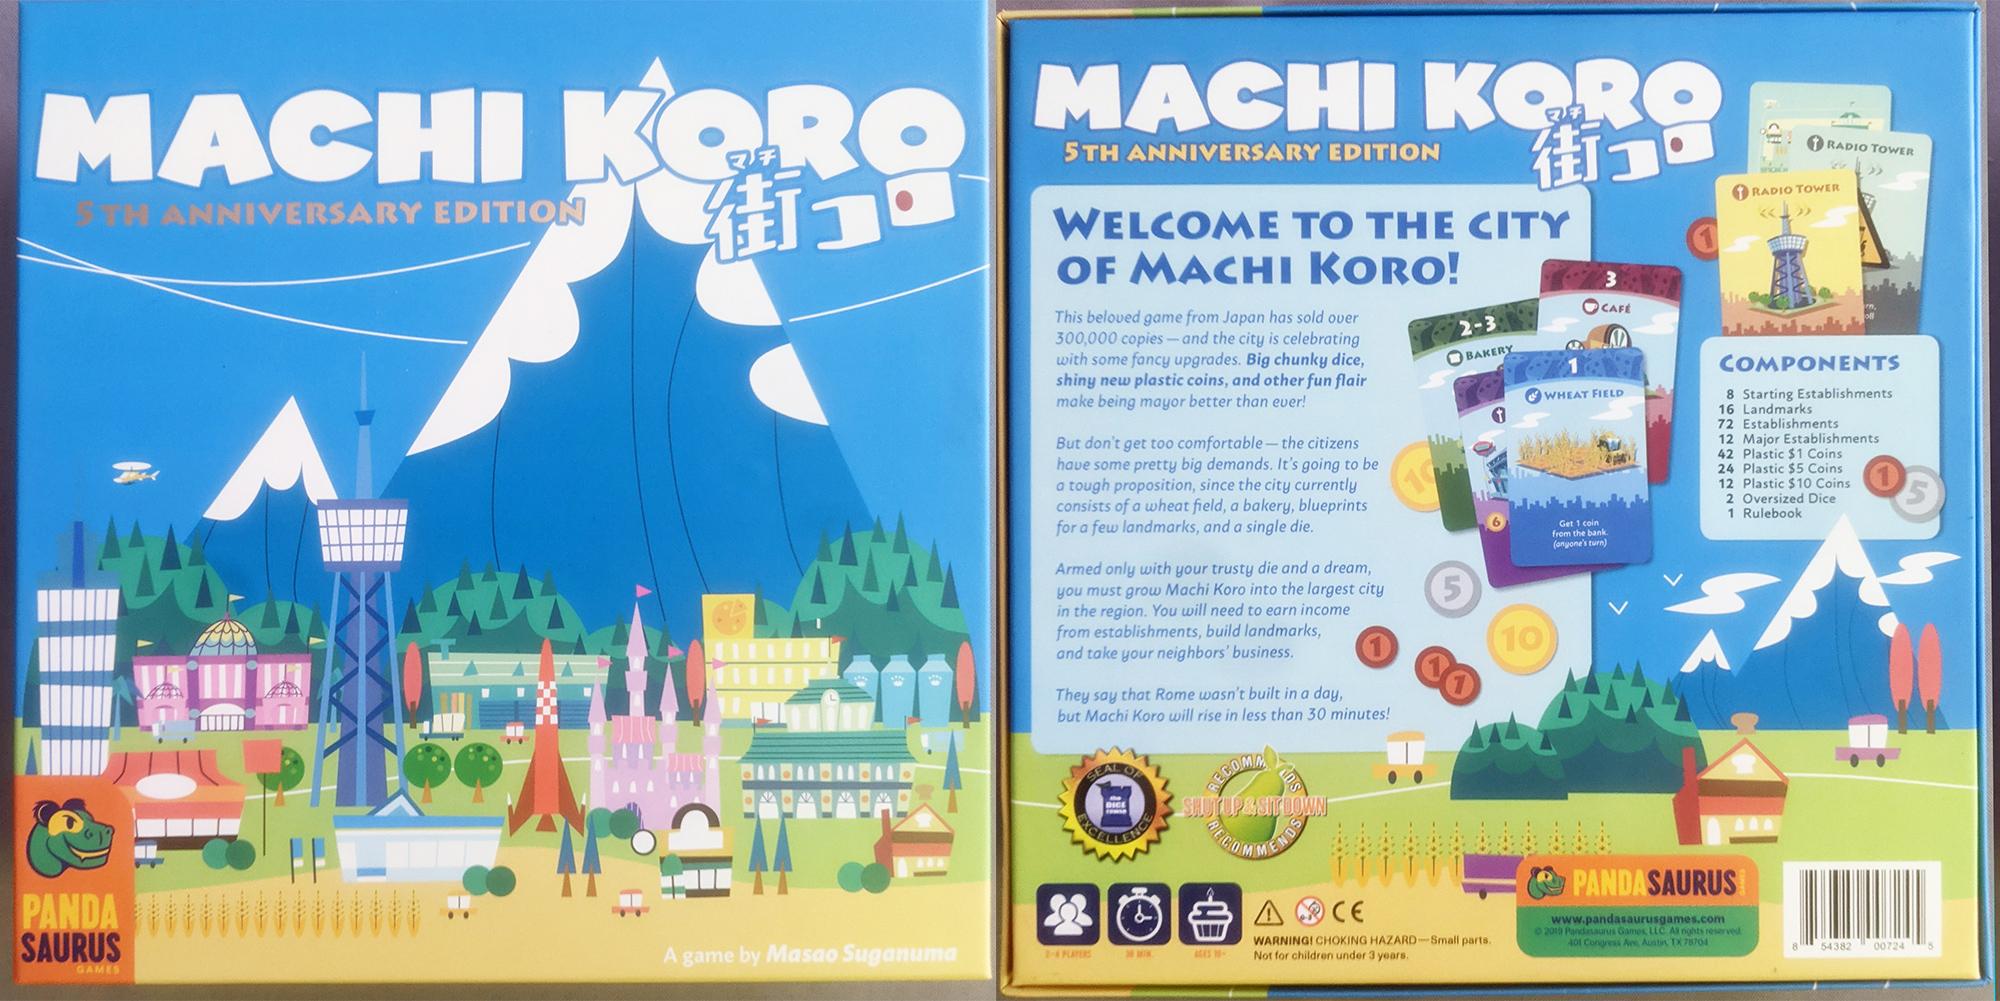 Machi Koro 5th Anniversary Edition from Pandasaurus Games - Box Art